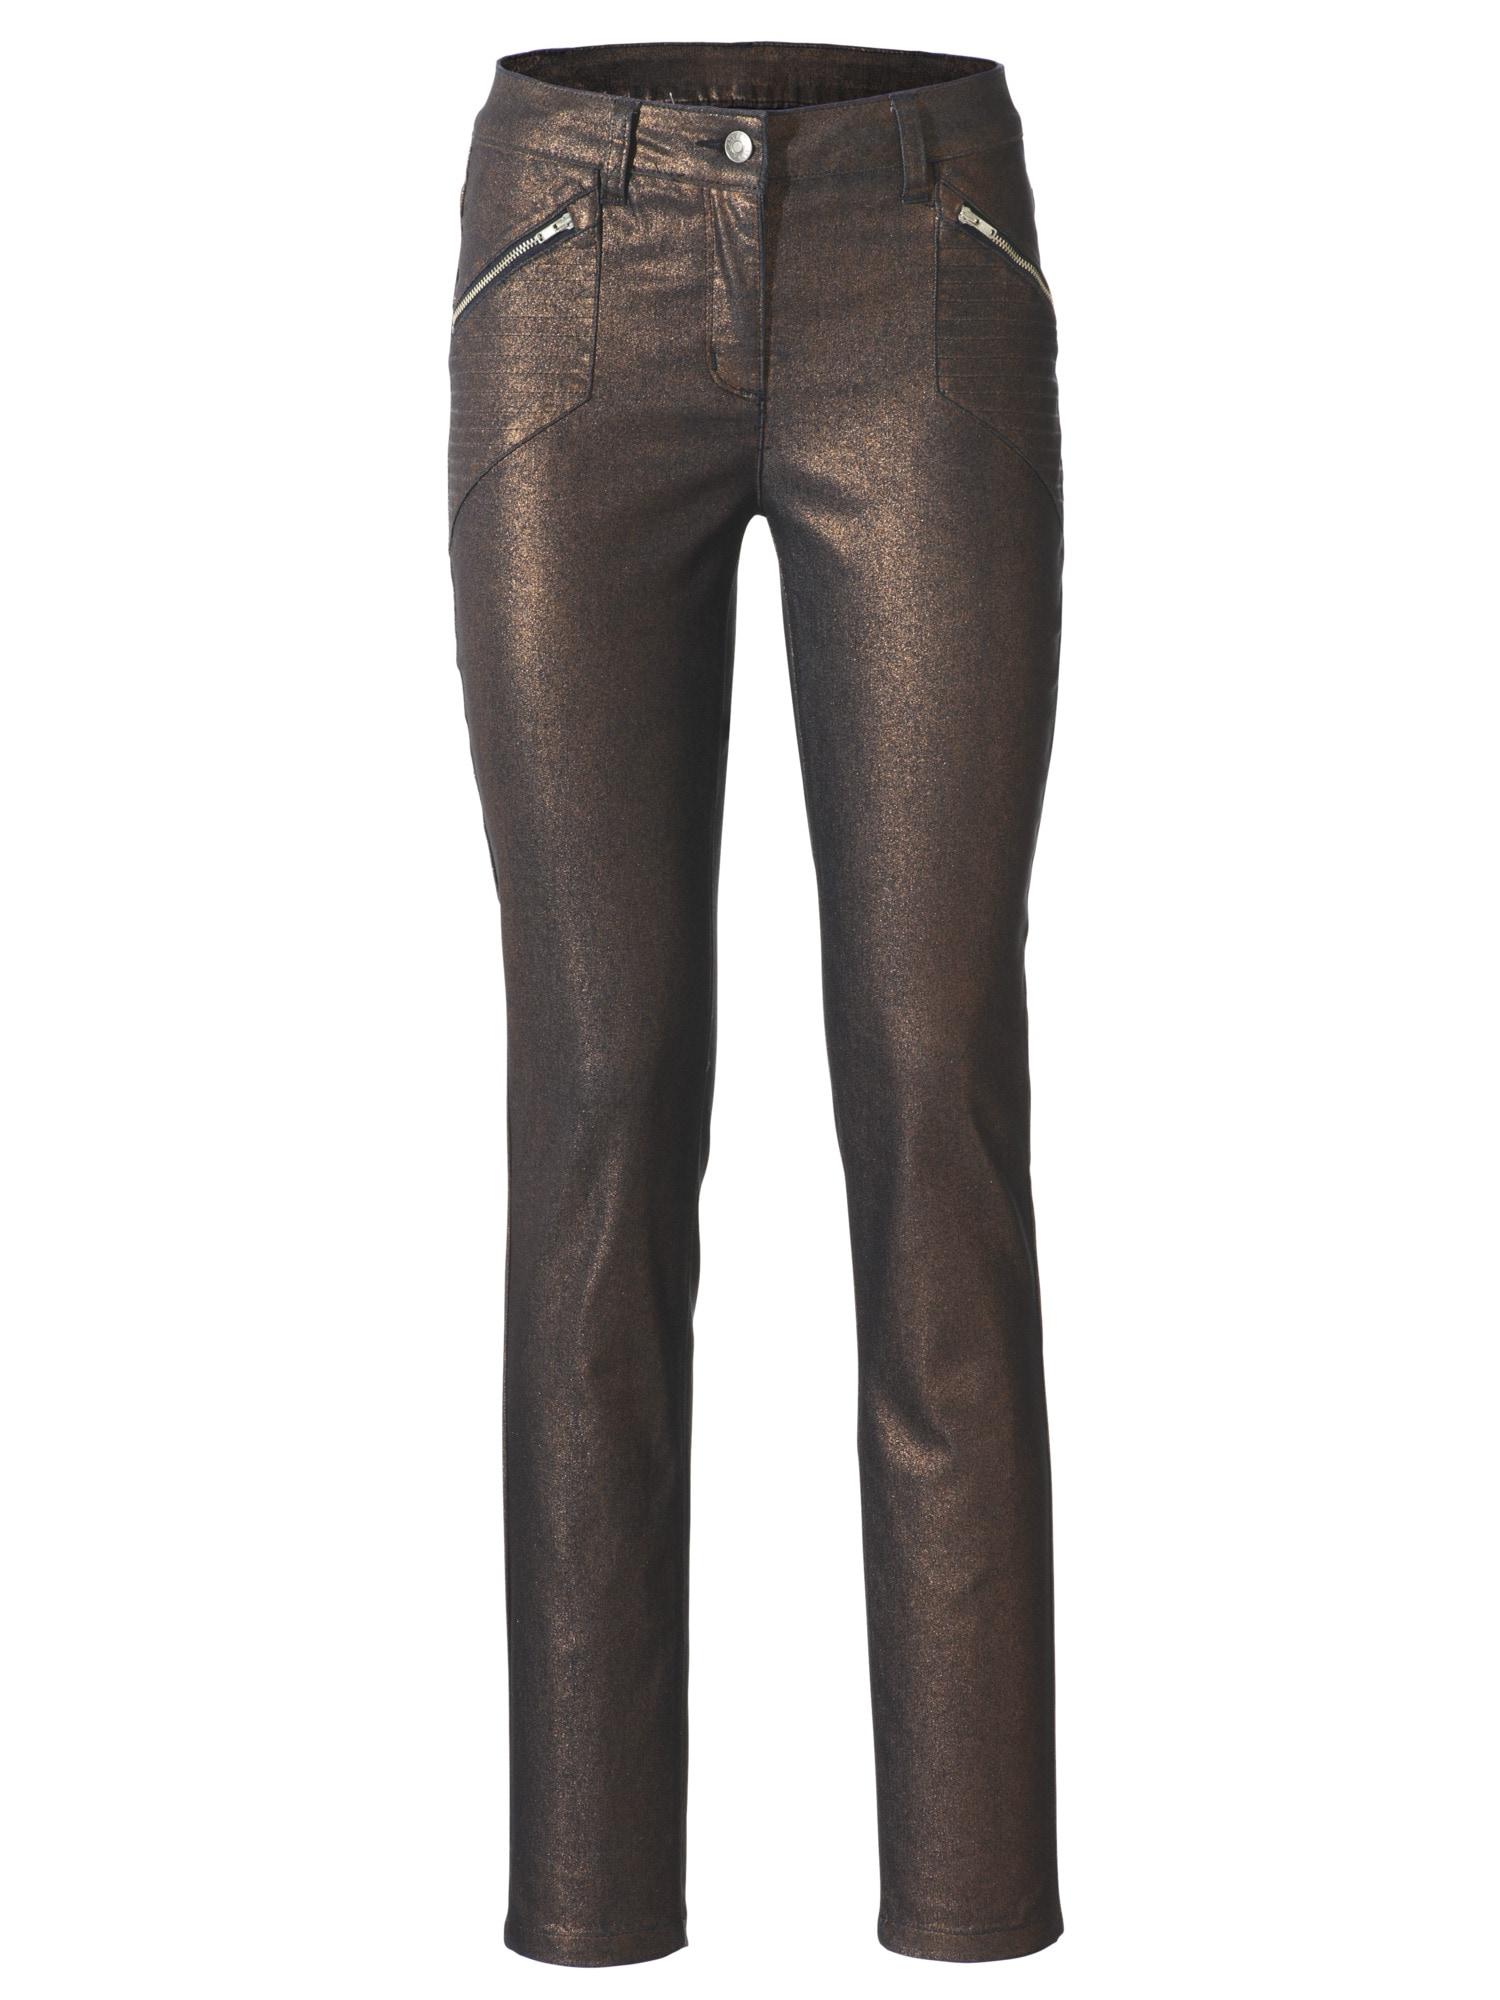 heine STYLE Push-up Jeans mit Glanzeffekt | Bekleidung > Jeans > Push-Up Jeans | Elasthan | heine STYLE